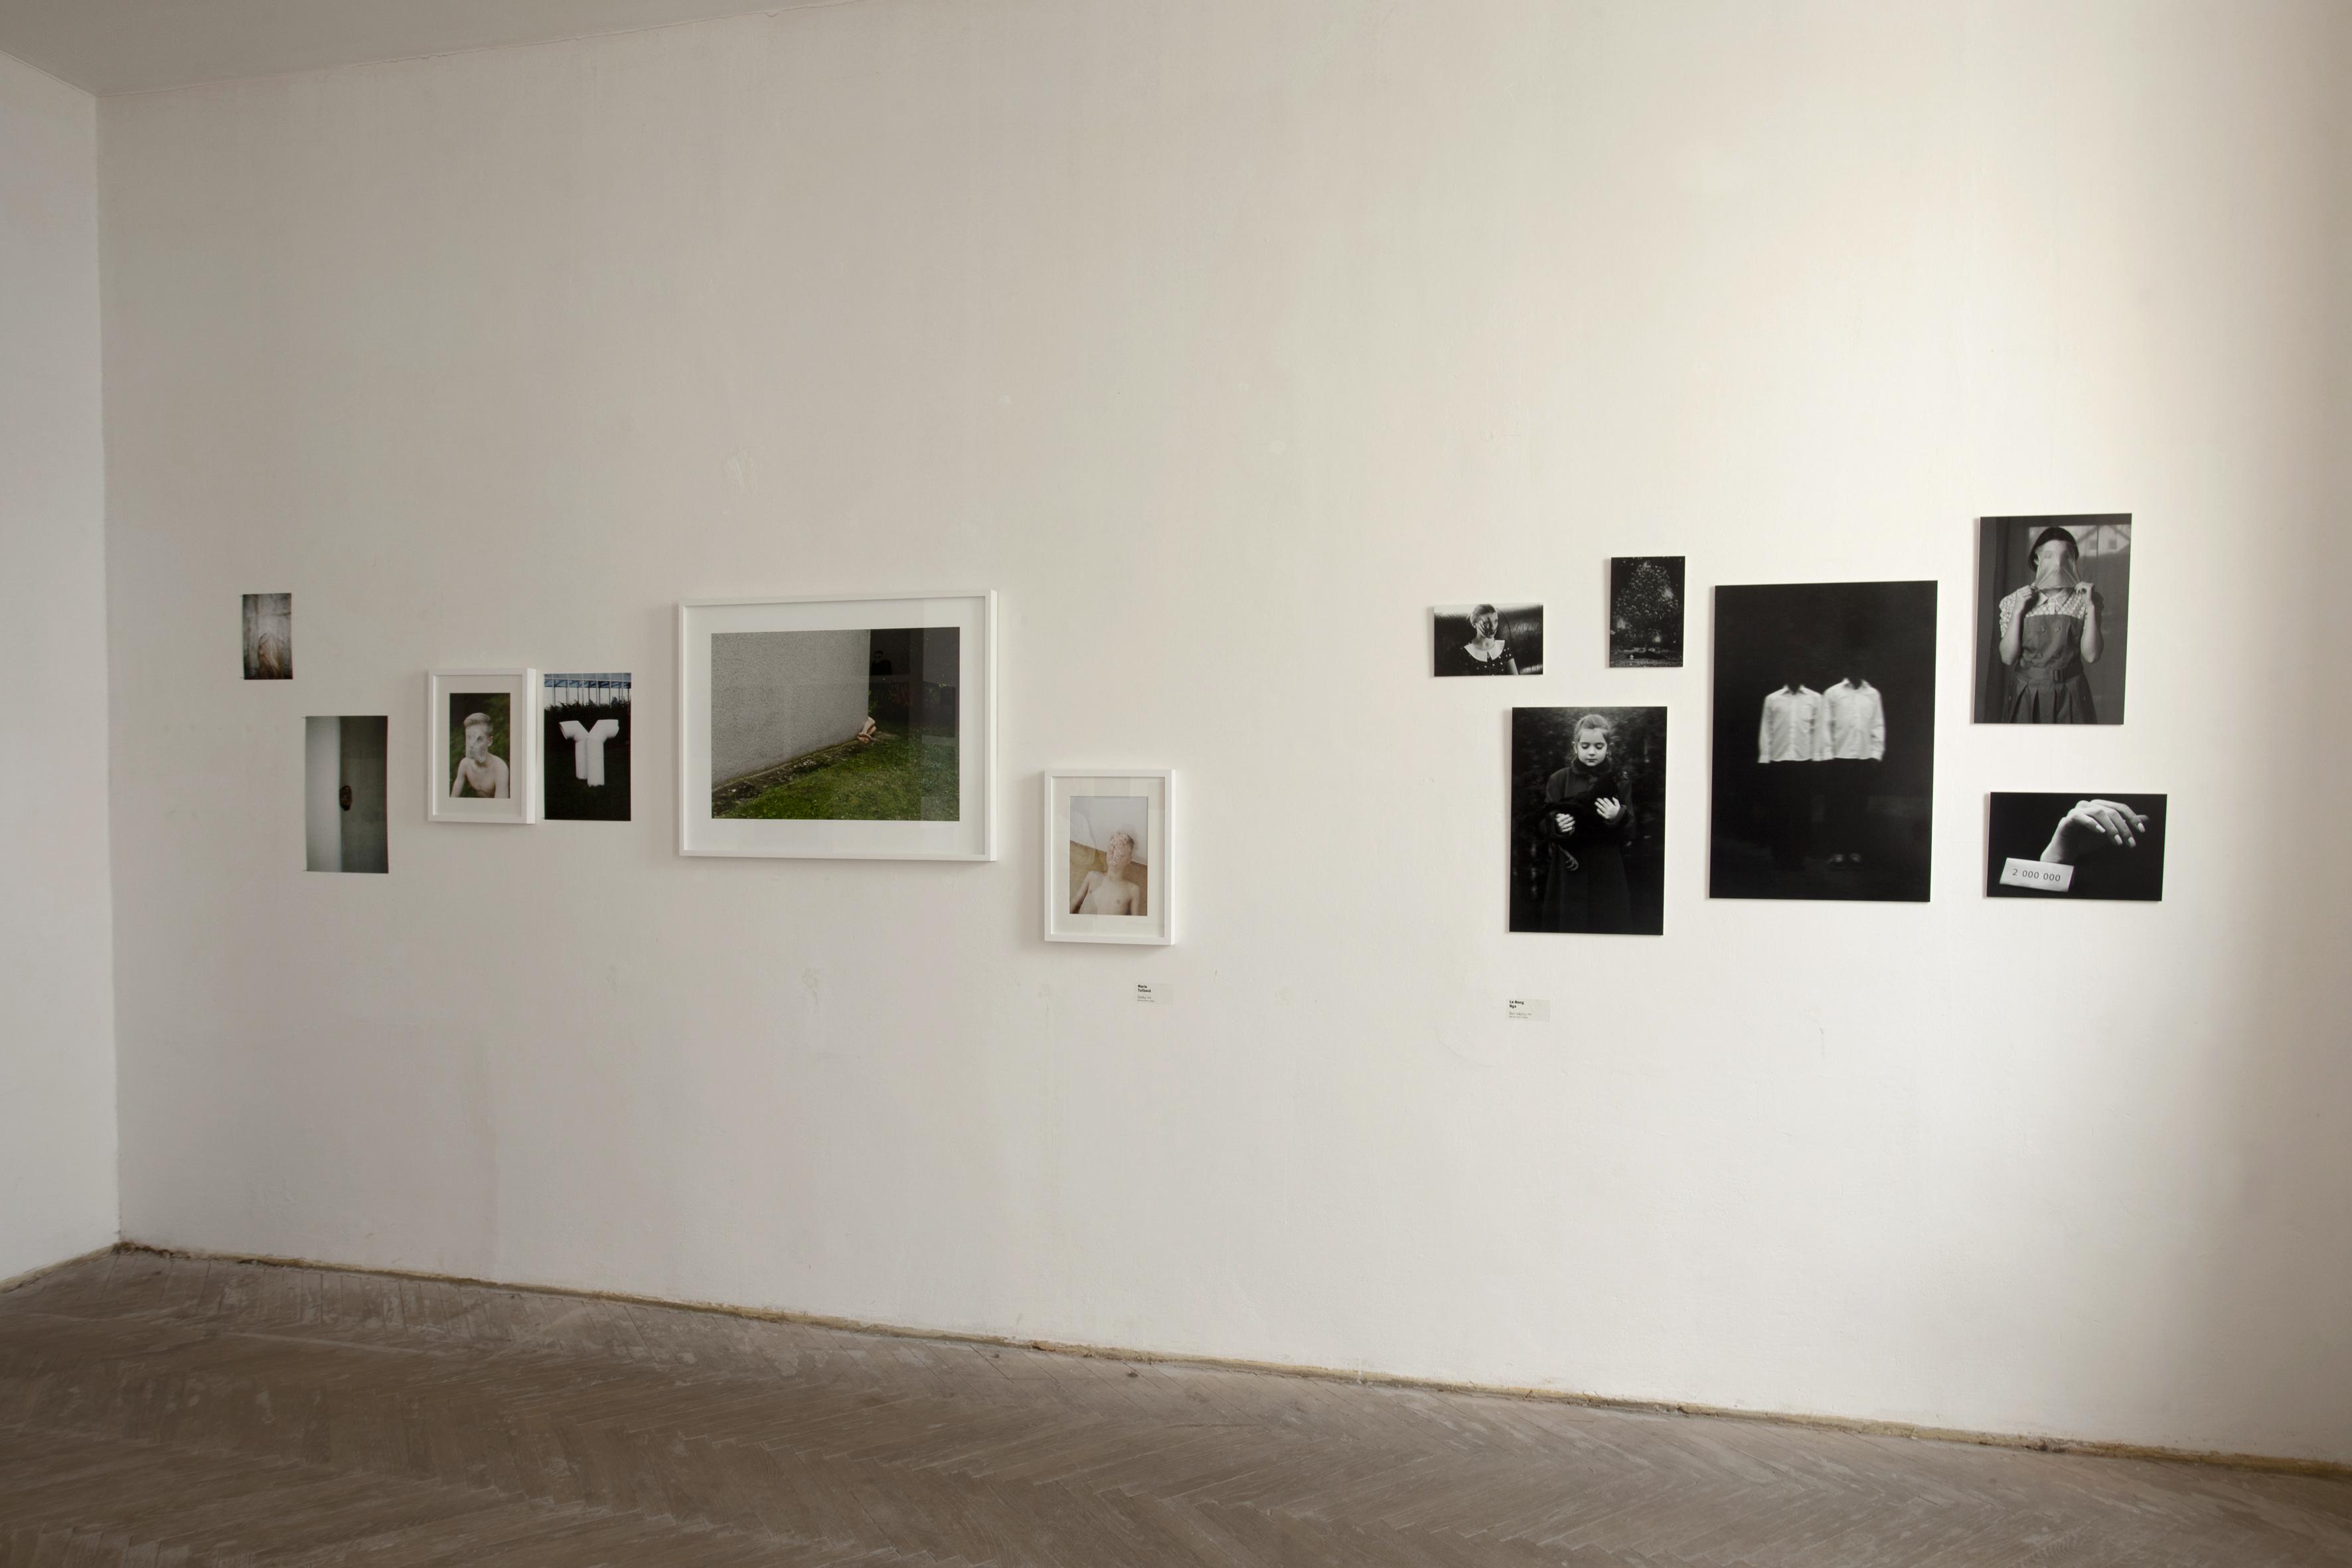 Prague Photo 2014; presentace žáků SPŠG oddělení Užitá fotografie a média + studentů VOŠG  zaměření Fotografické tvorba; 8.–13. 4. 2014